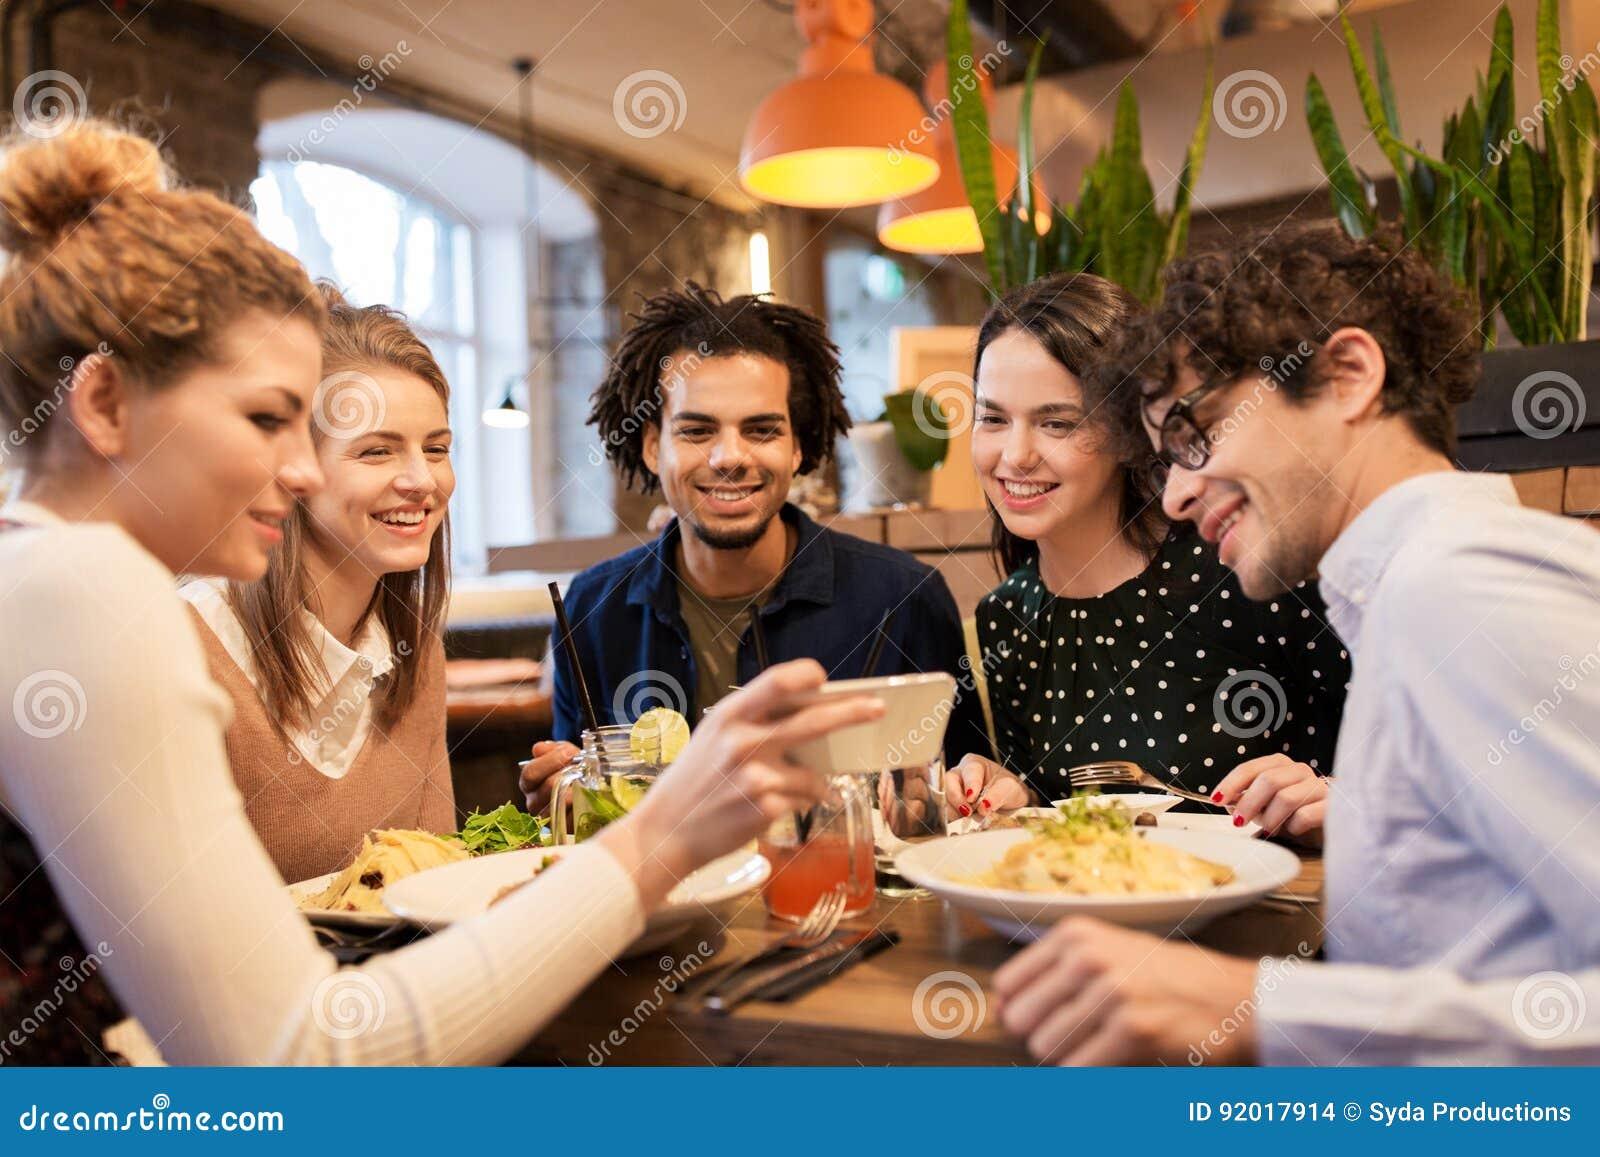 Freunde Mit Smartphones Essend Am Restaurant Stockbild